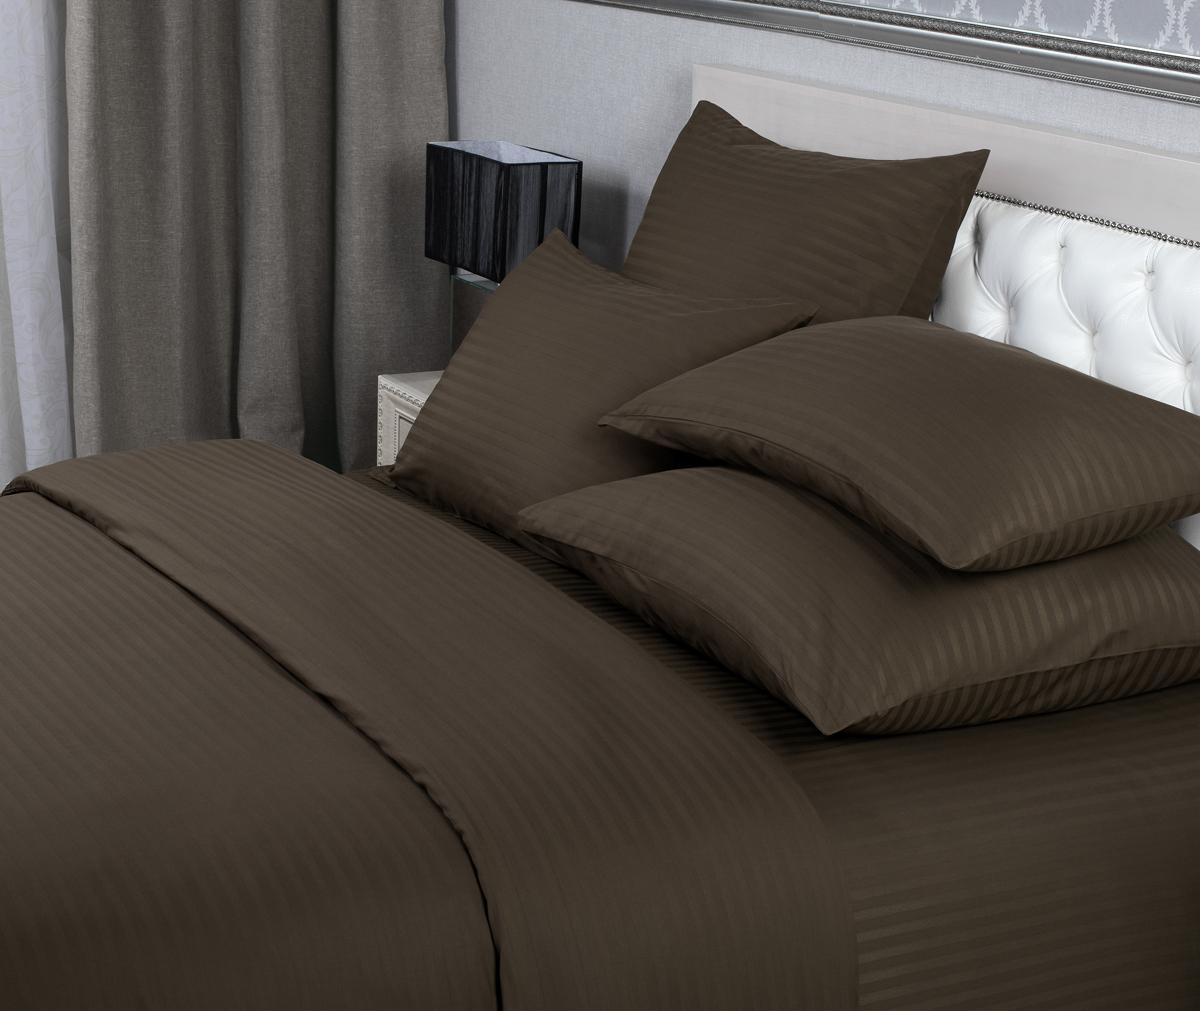 Комплект белья Verossa, 2-спальный, наволочки 50х70 см, цвет: шоколадный718996Verossa - торговая марка крупнейшего российского производителя Нордтекс, относится к высокому ценовому сегменту.Комплект белья Verossa отличается высочайшим качеством и натуральными материалами.Идеальные дизайнерские решения создают стиль и уют в вашей квартире.